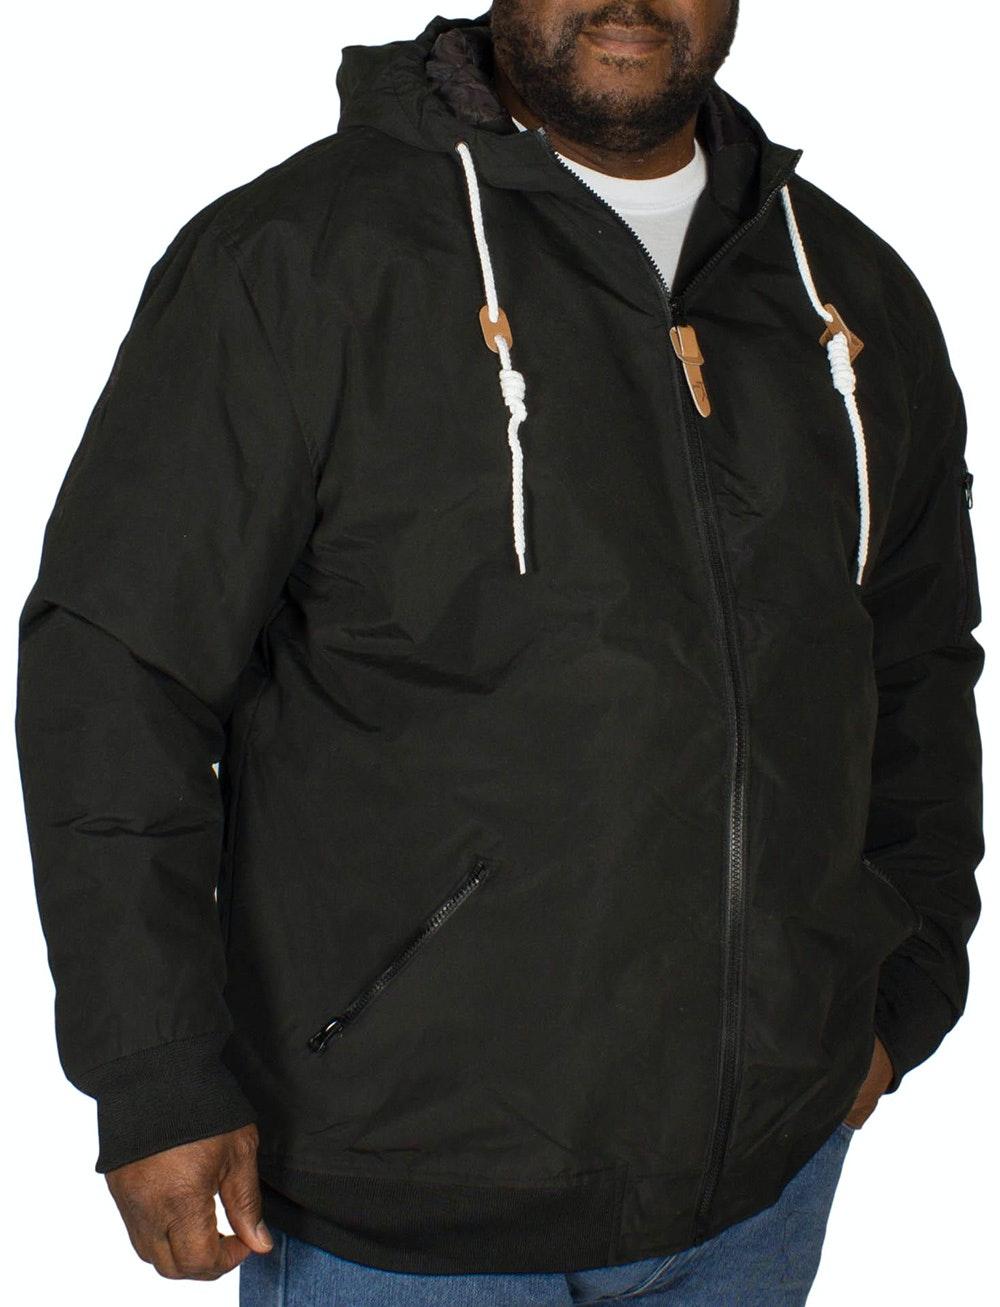 KAM Hooded Bomber Jacket Black